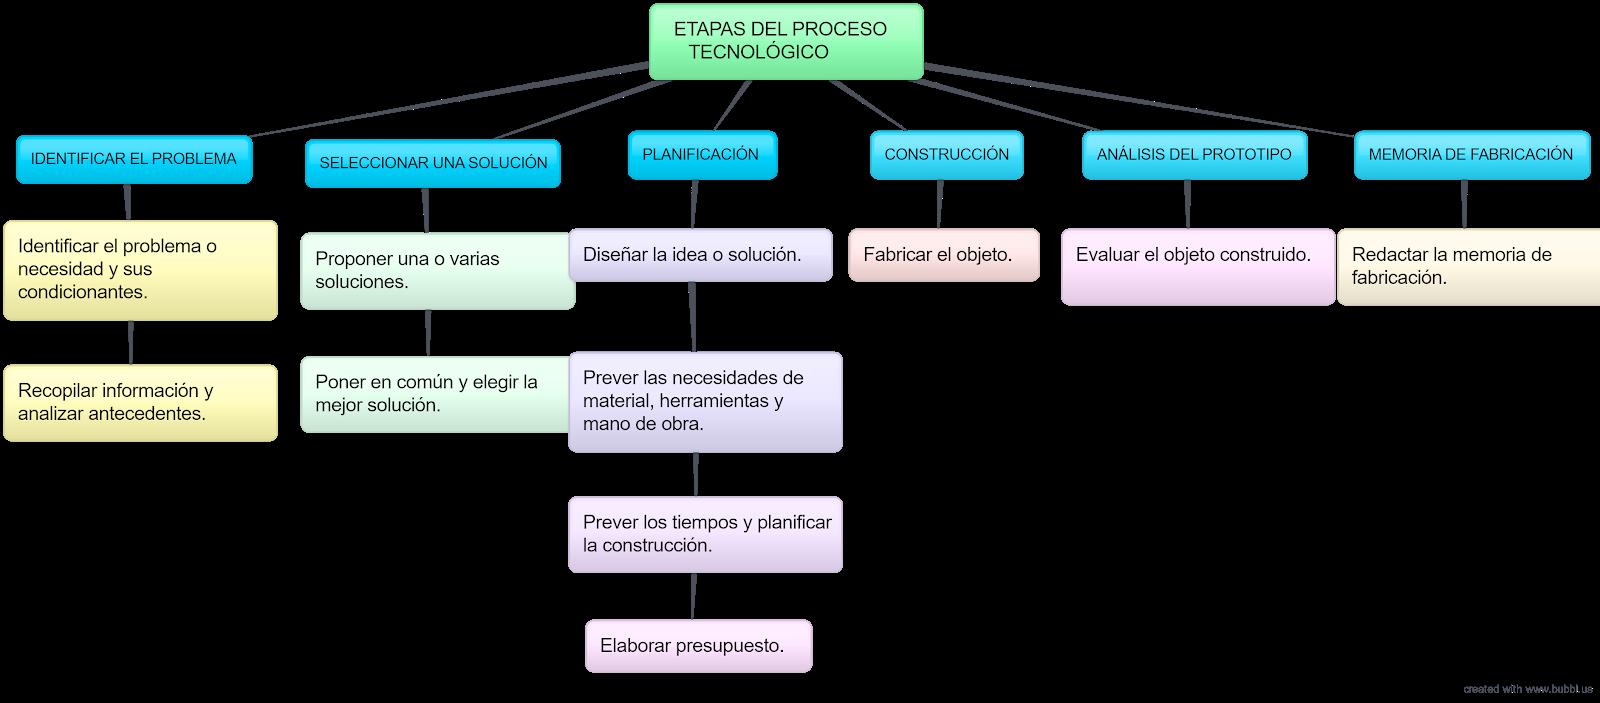 Fases del proceso tecnológico